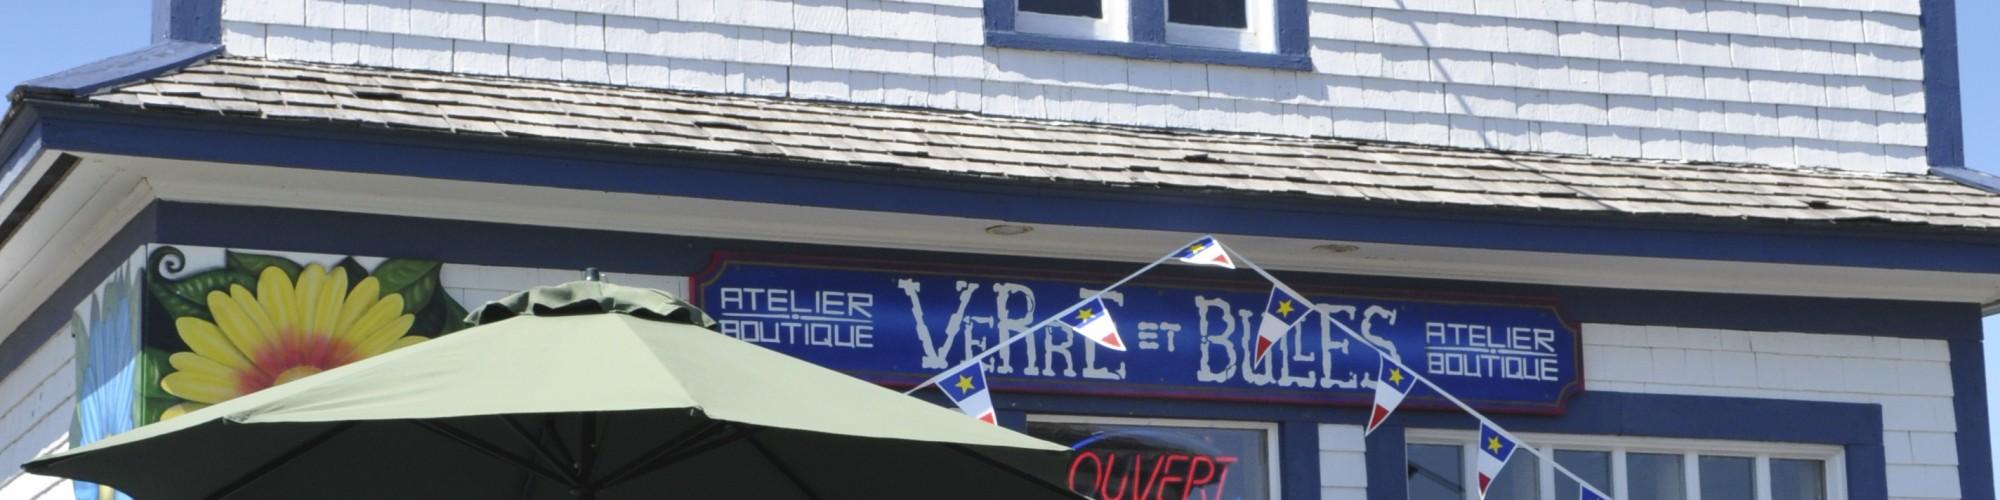 Atelier, Boutique, Verre à bulles, Gaspésie